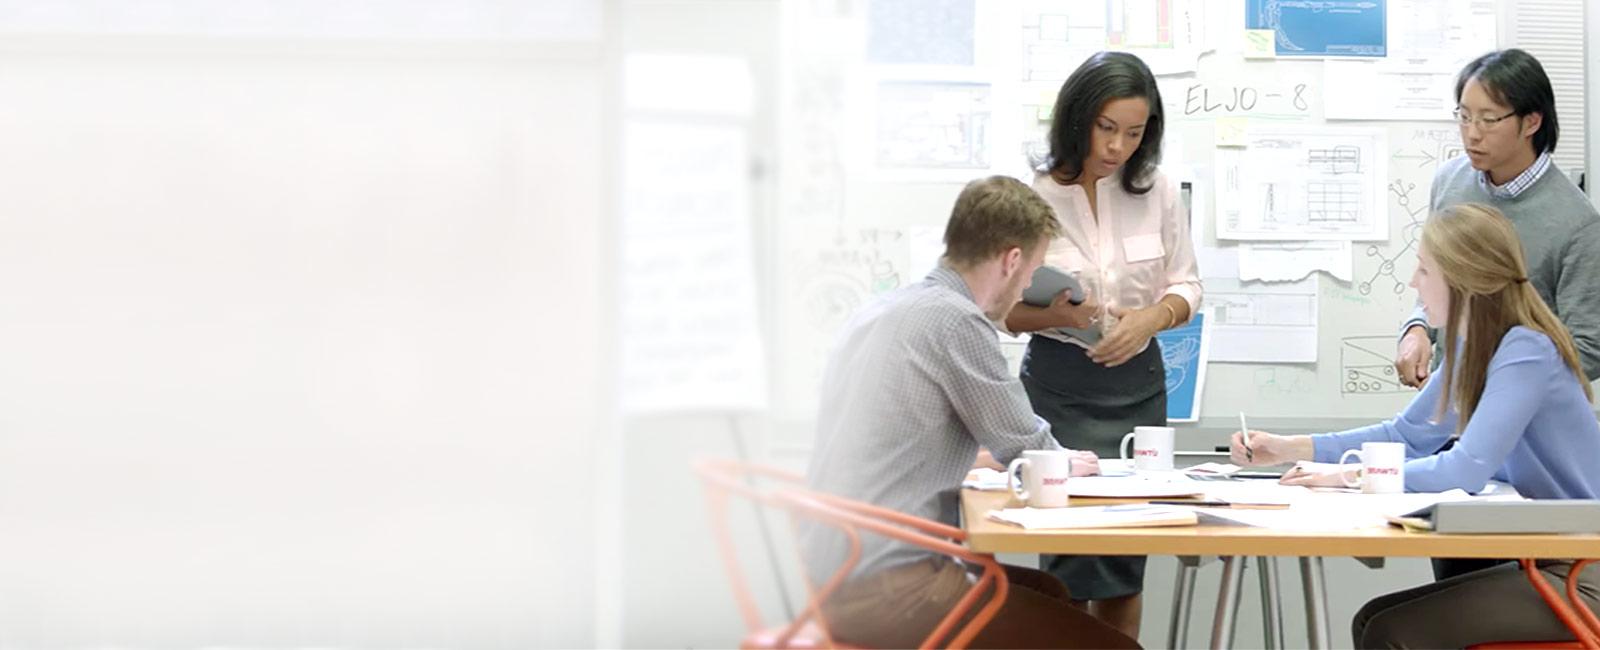 Duas pessoas de pé e duas sentadas em uma mesa cheia de documentos em frente a um quadro de comunicações.